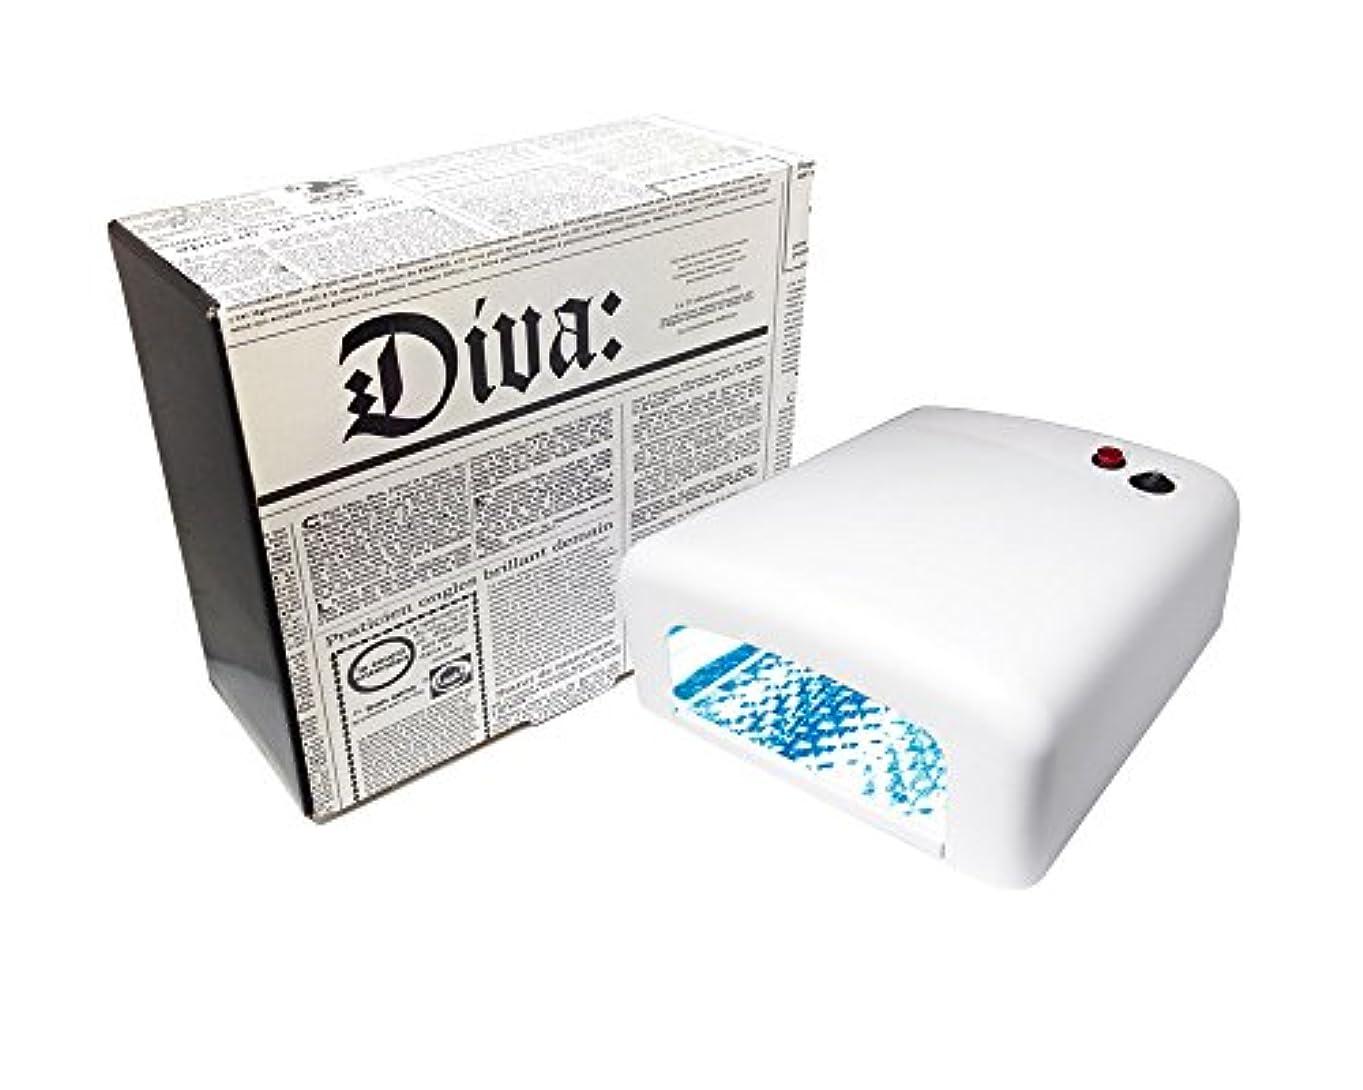 めったにを通して重要性Diva(ディーヴァ) UVライト36W(UVランプ) 本体 ホワイト